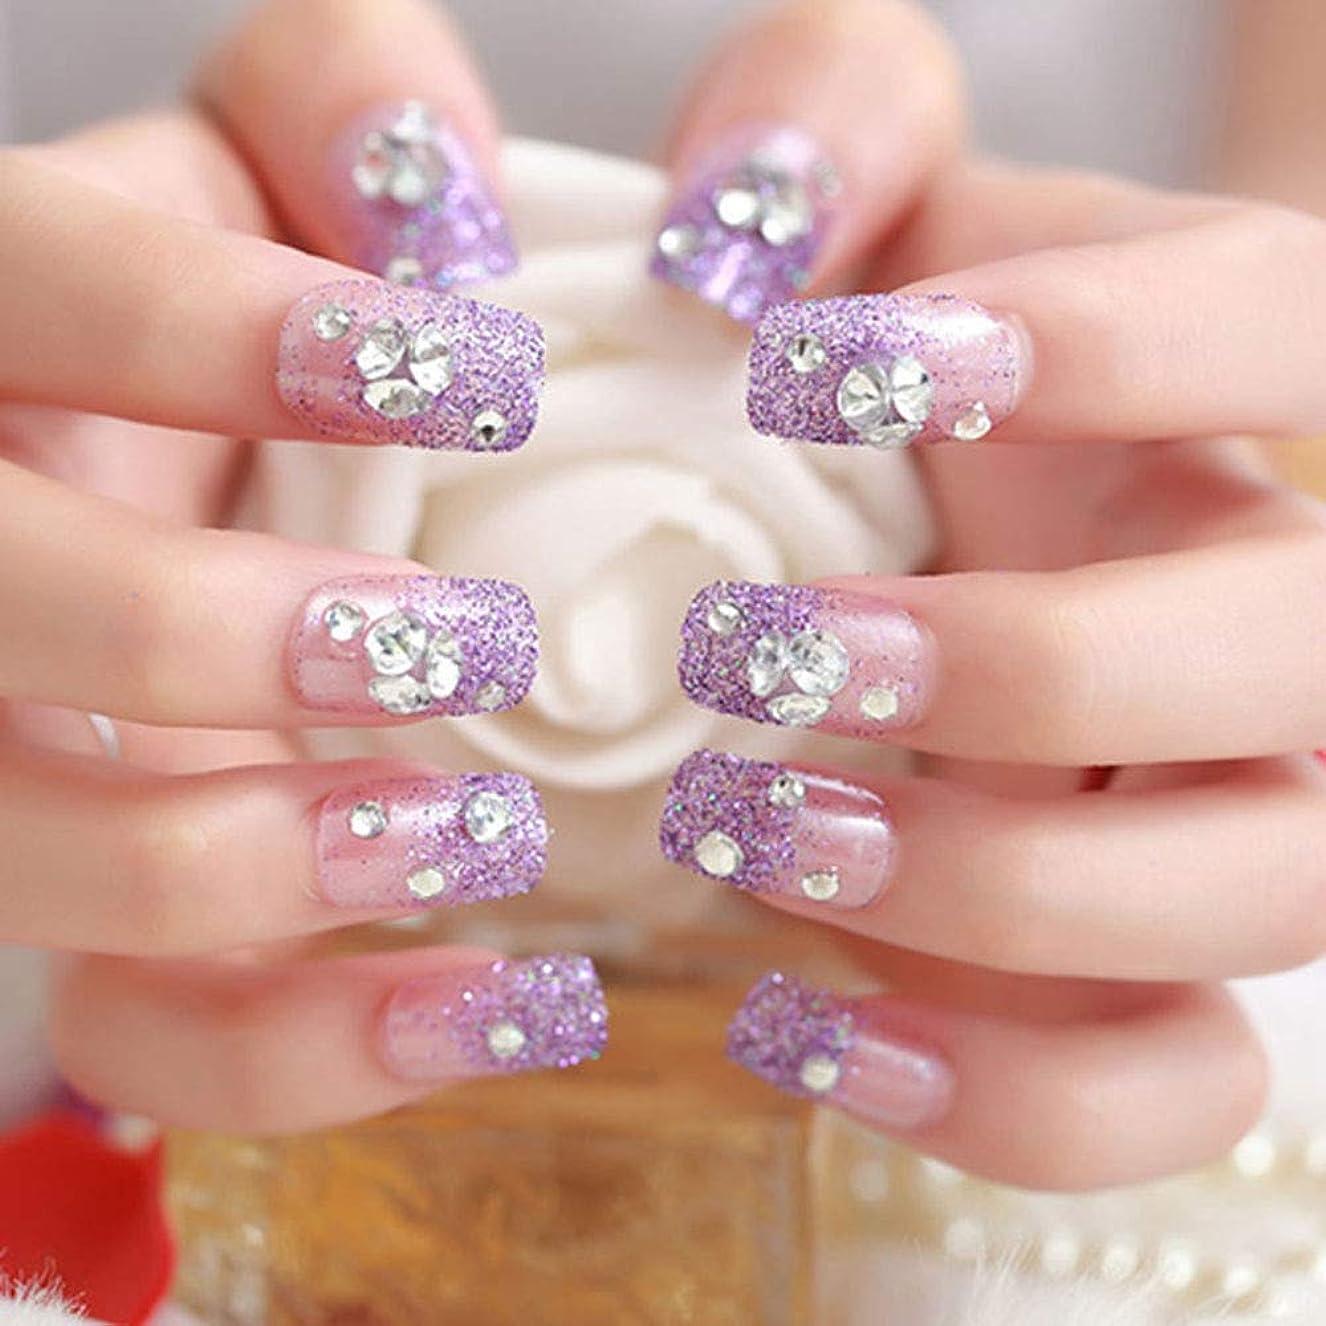 密剪断打たれたトラックXUTXZKA キラキラ人工爪紫色の輝くラインストーン結婚式の花嫁のネイルアートフェイクネイル